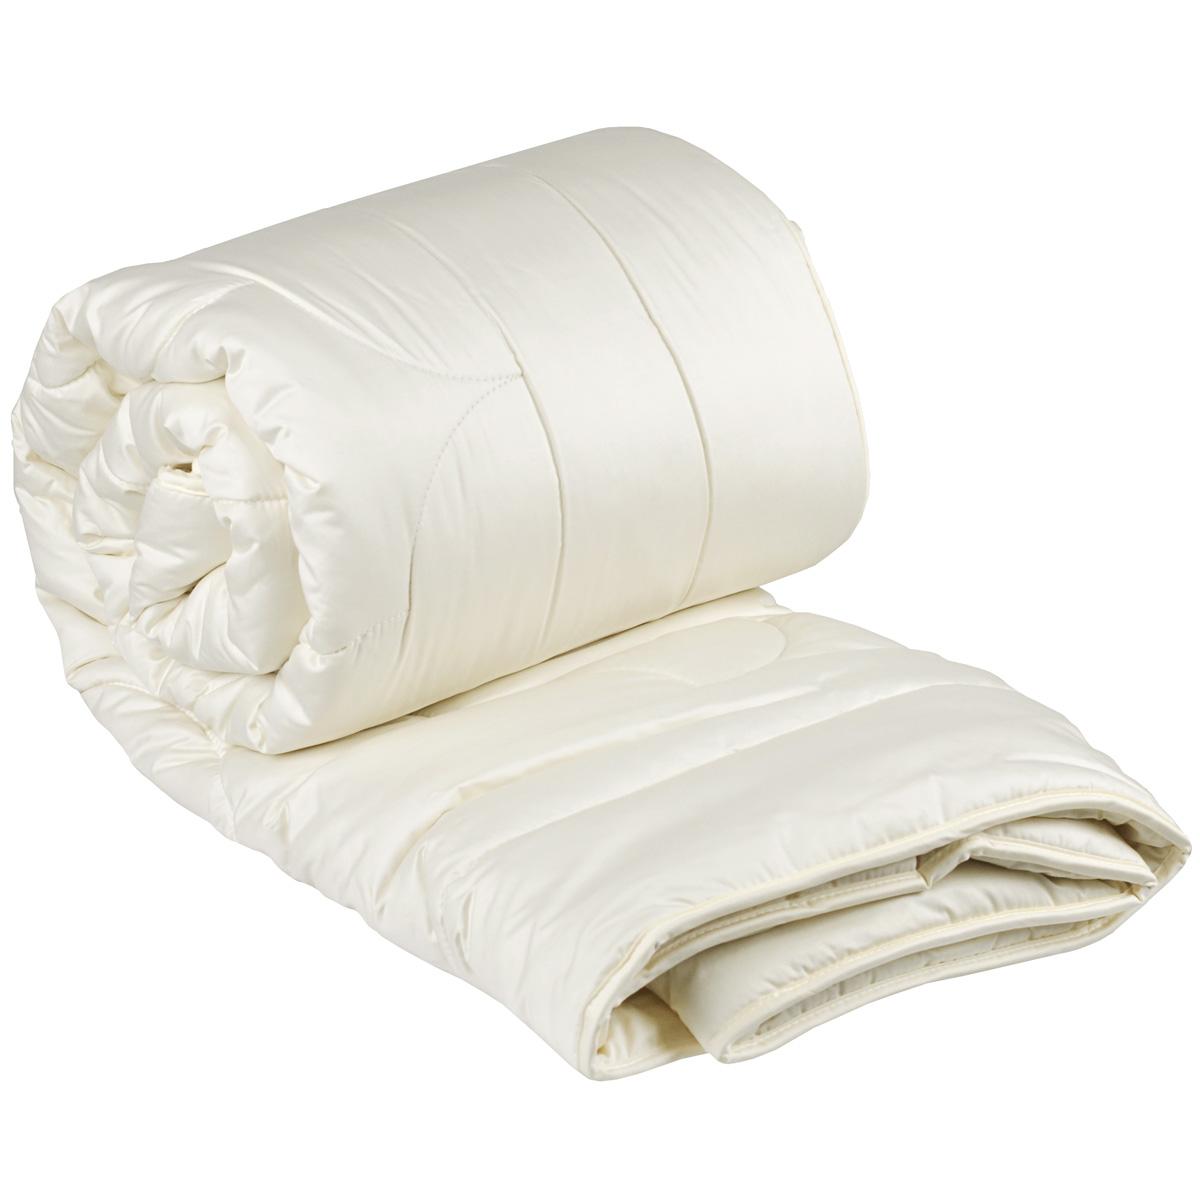 Одеяло Dargez Акапулько, легкое, наполнитель: шерсть альпака, 200 х 220 см05030116079Одеяло Dargez Акапулько представляет собой чехол из сатина гладкокрашеного (100% хлопок) с наполнителем шерсти альпака. Шерсть альпака - легкая, тонкая, мягкая, с шелковистым блеском и по своим основным характеристикам обладающая антиаллергенными, противовоспалительными и ранозаживляющими свойствами.Оделяло Dargez Акапулько создано специально для тех, кто ценит здоровый сон. Сатиновый чехол декорирован эксклюзивным жаккардовым рисунком пастельного цвета. Одеяло вложено в пластиковую сумку-чехол зеленого цвета на застежке-молнии, а специальная ручка делает чехол удобным для переноски.Одеяло Акапулько доставит вам незабываемые ощущения, обеспечивая комфортный и сладкий сон на протяжении длительных ночей. Материал верха: 100% хлопок. Наполнитель: шерсть альпака.Масса наполнителя: 300 г/м2.